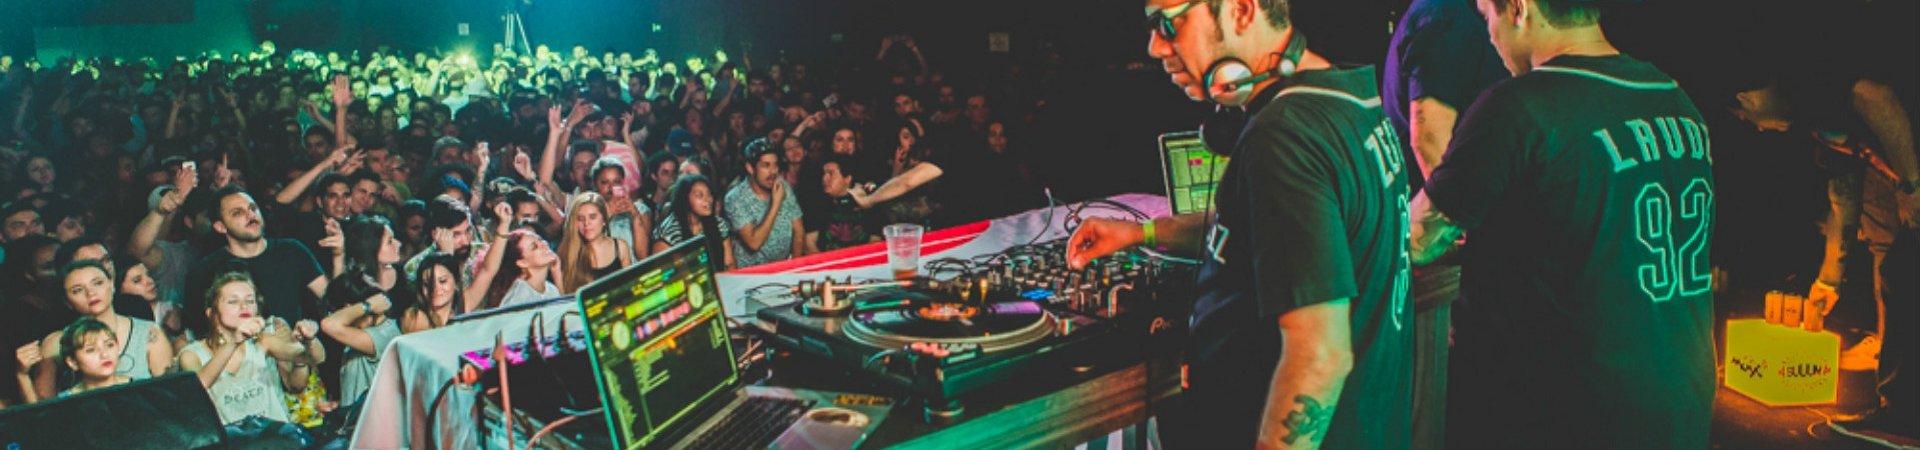 Tropkillaz faz show lotado em São Paulo com participação de Karol Conka